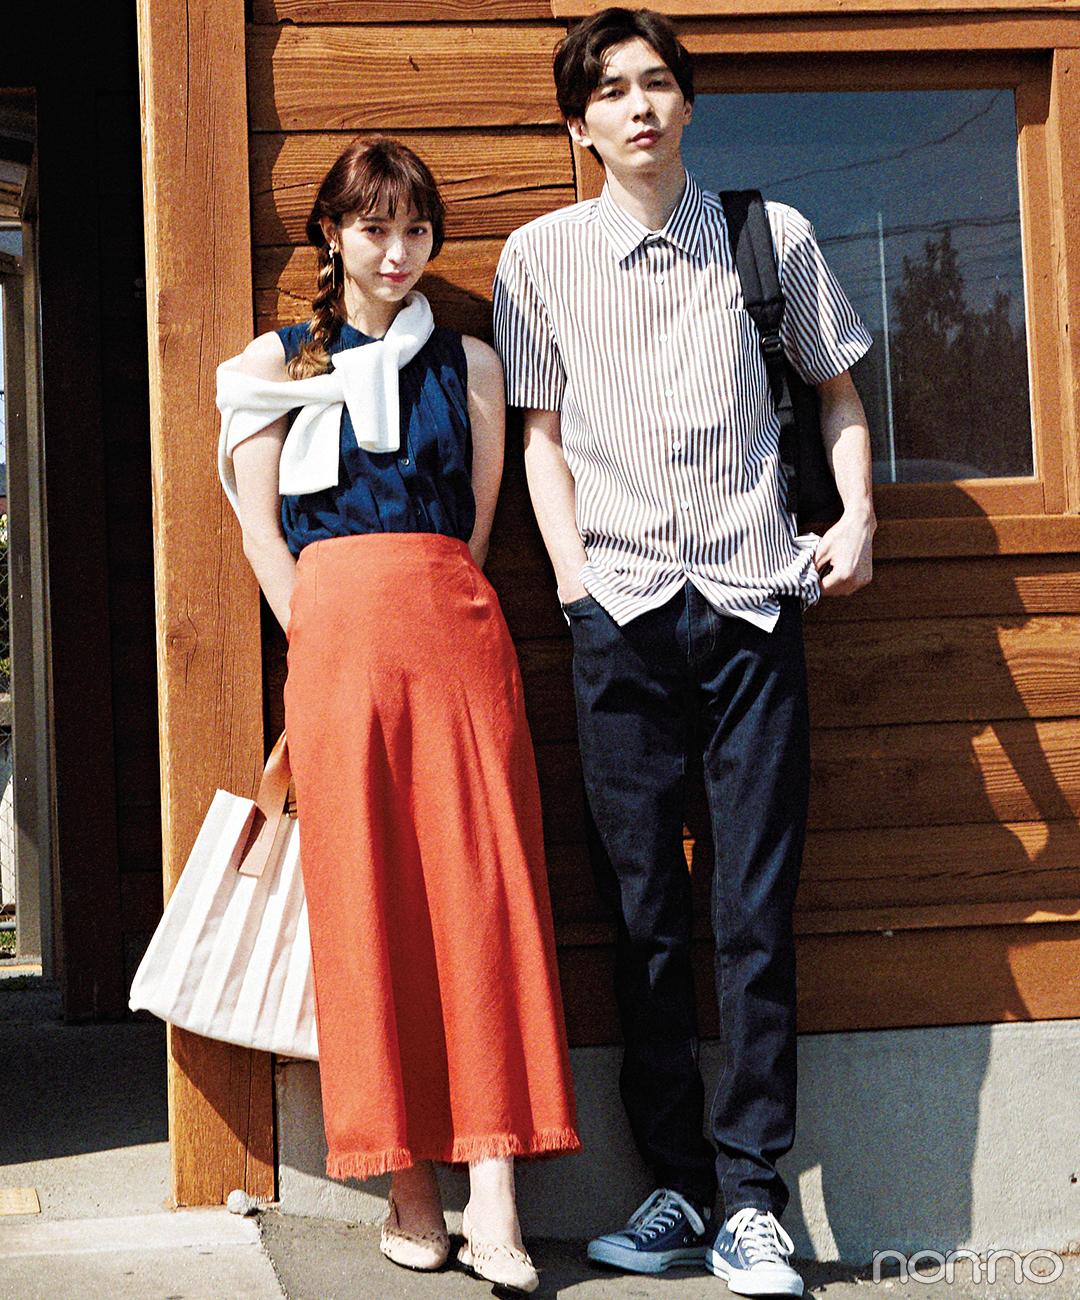 彼も惚れ直す♡ きれい色スカートでデートコーデが完成!【毎日コーデ】_1_1